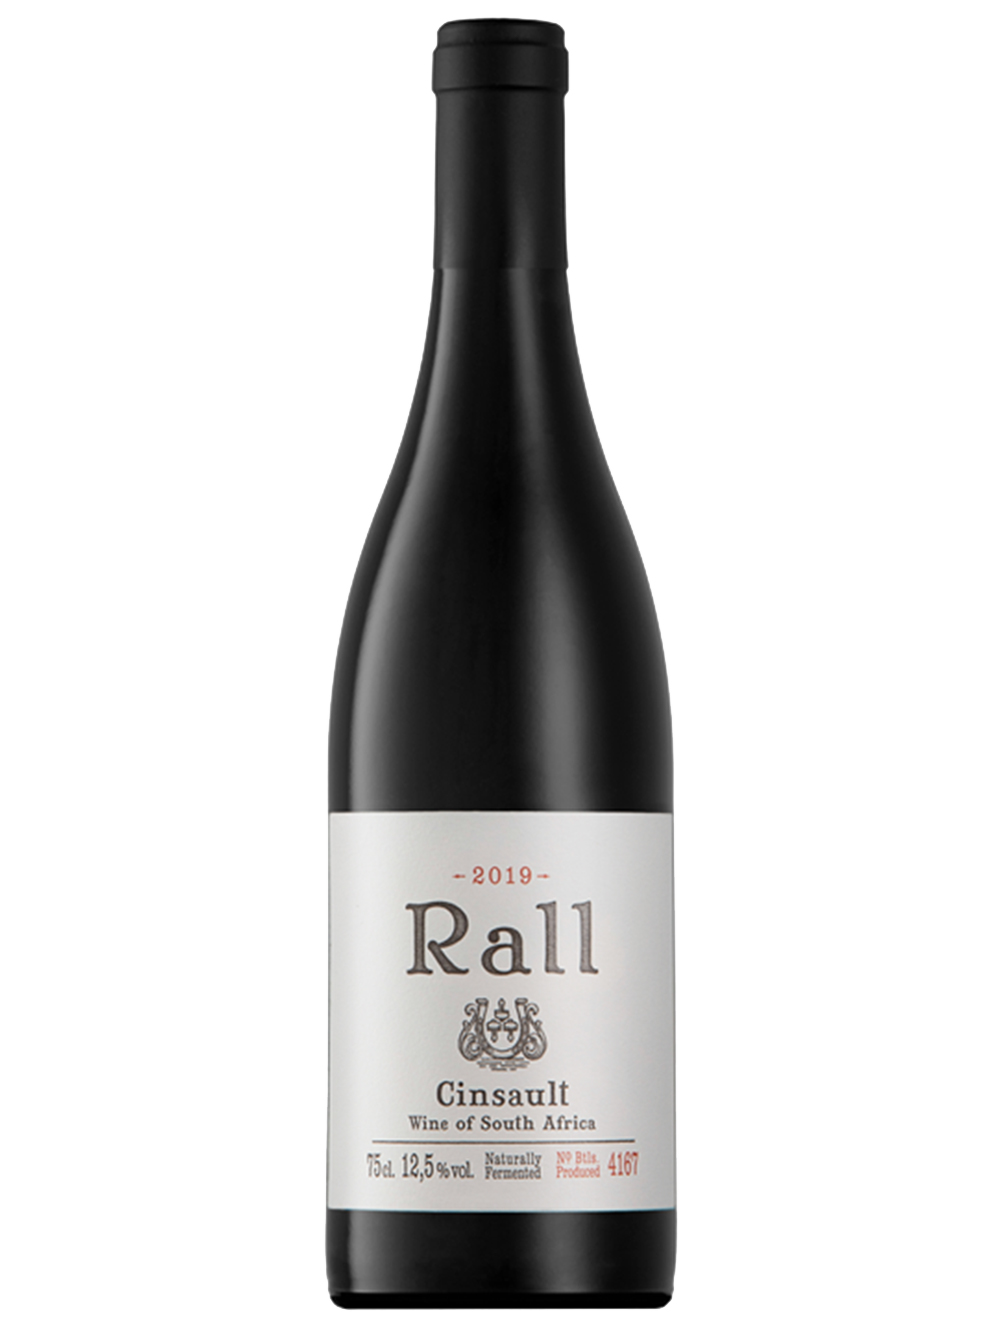 2019 Rall Cinsault